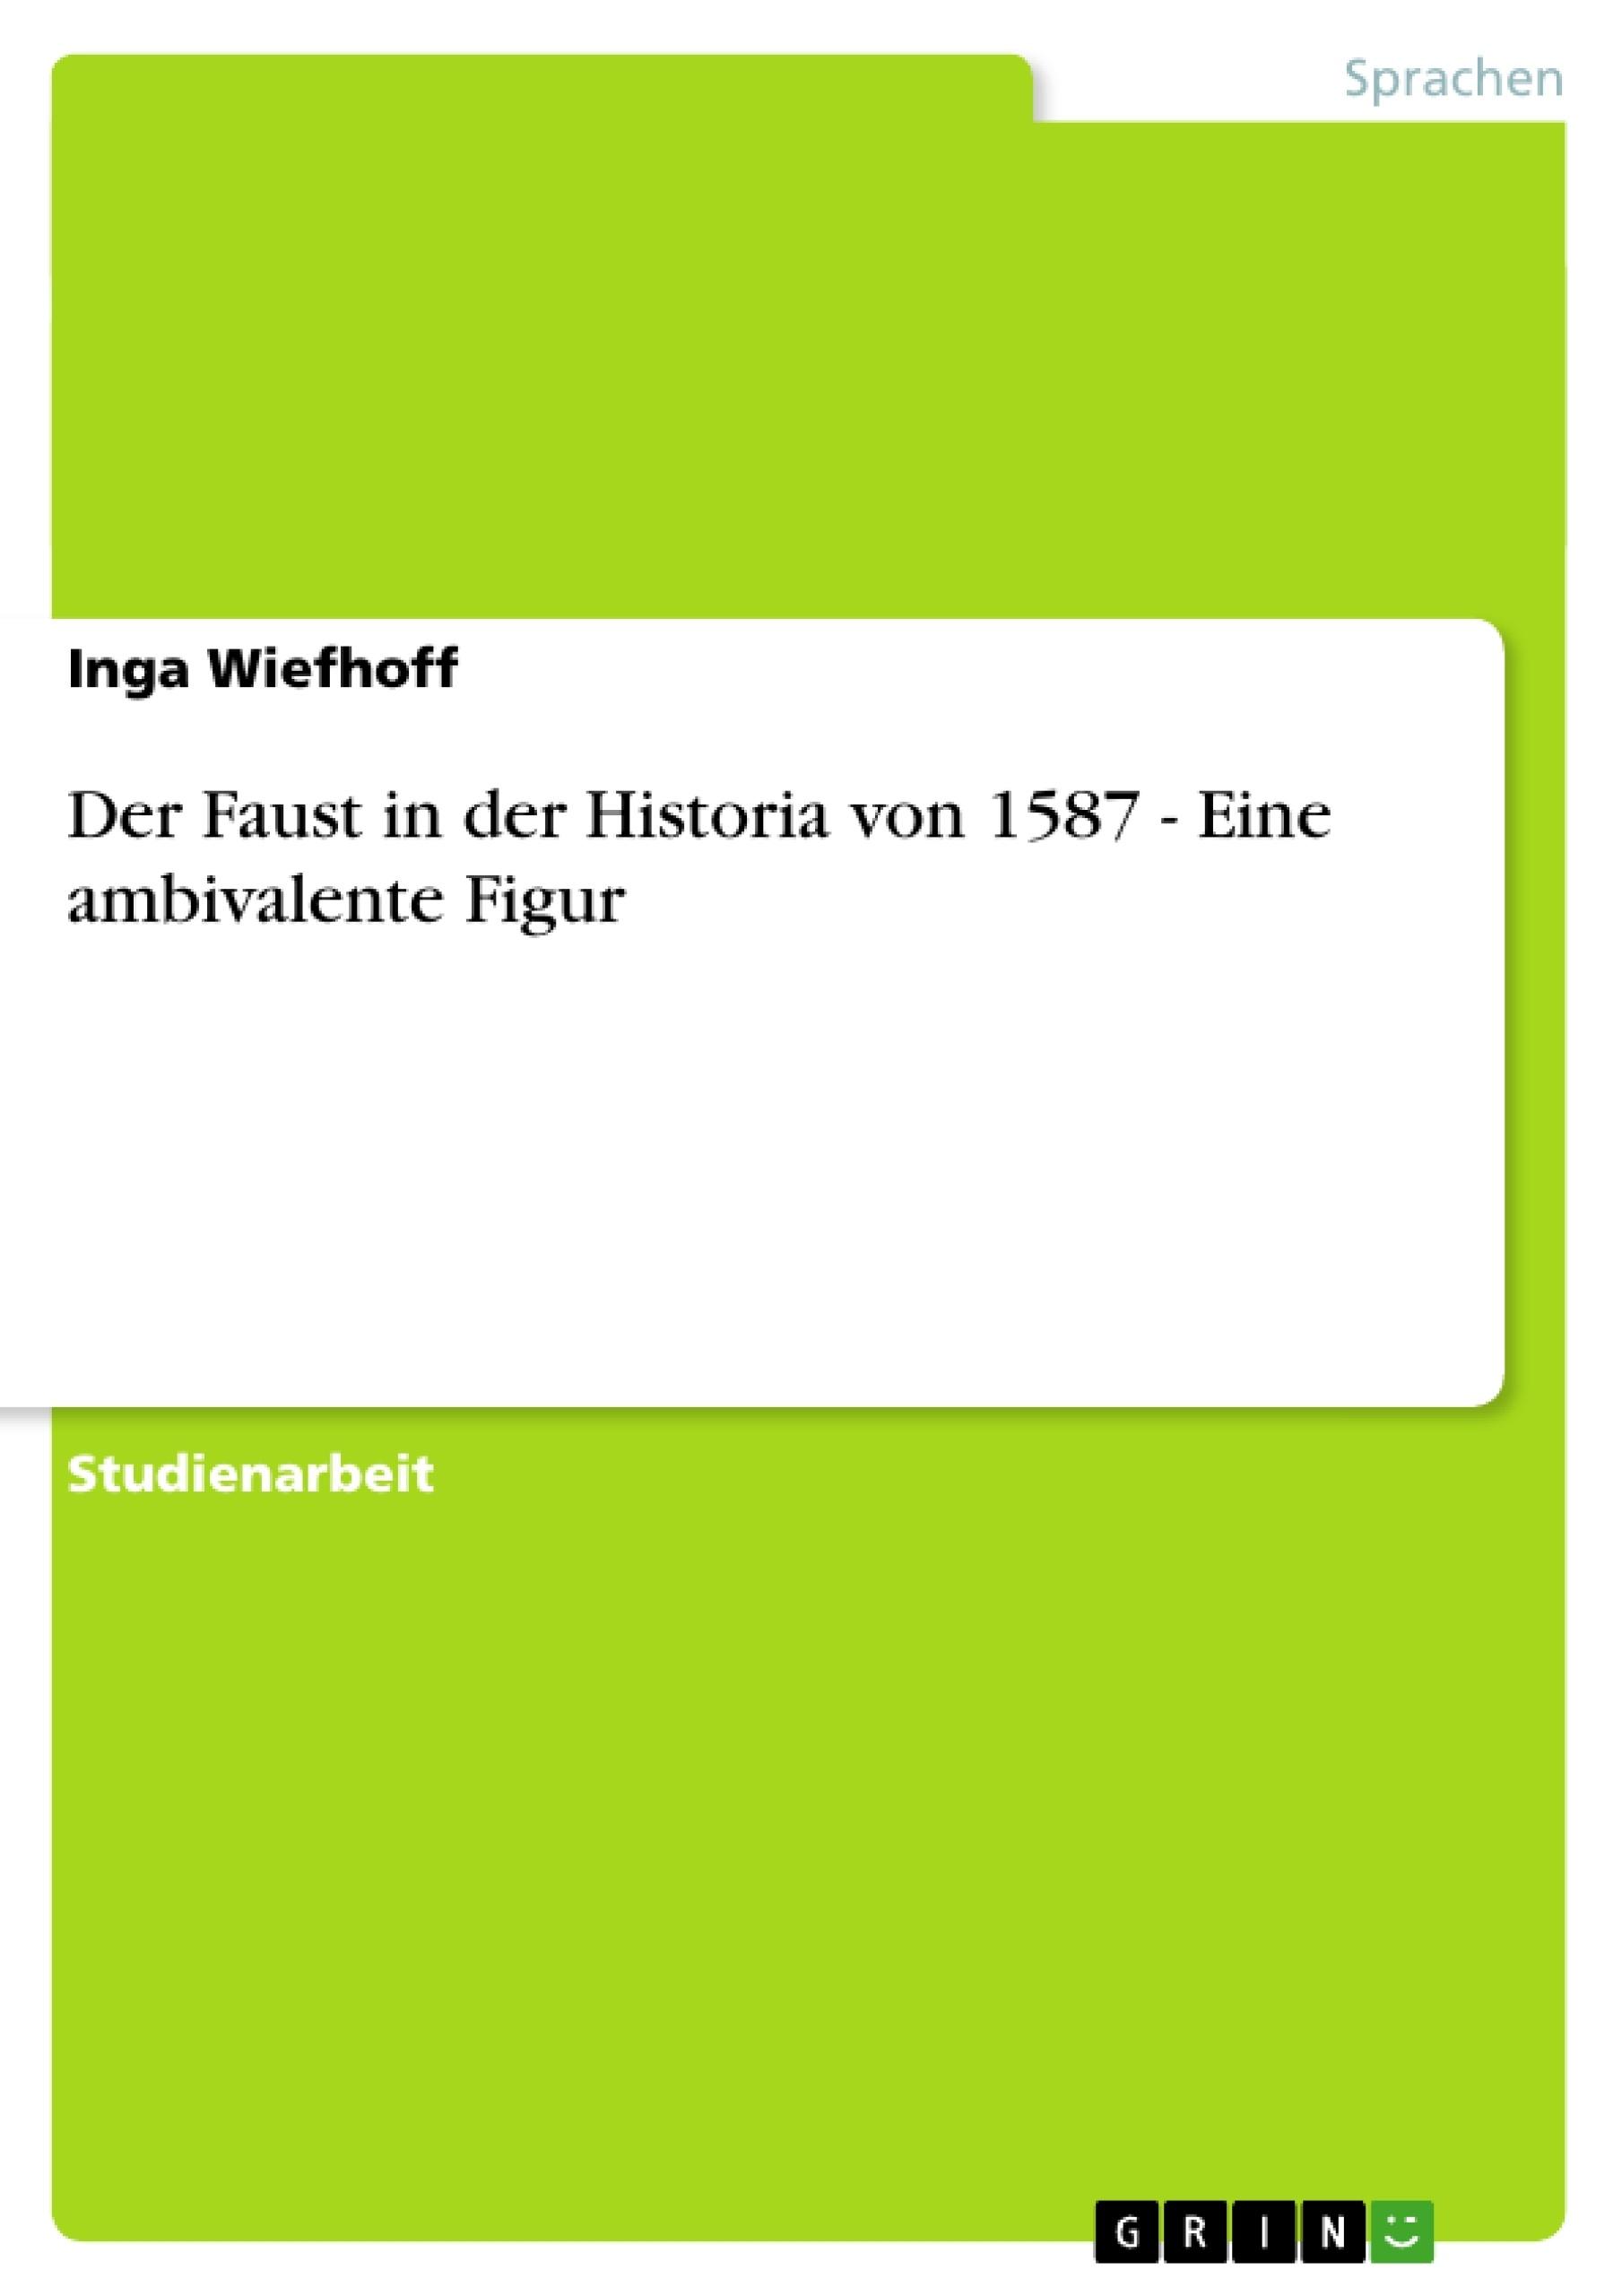 Titel: Der Faust in der Historia von 1587 - Eine ambivalente Figur